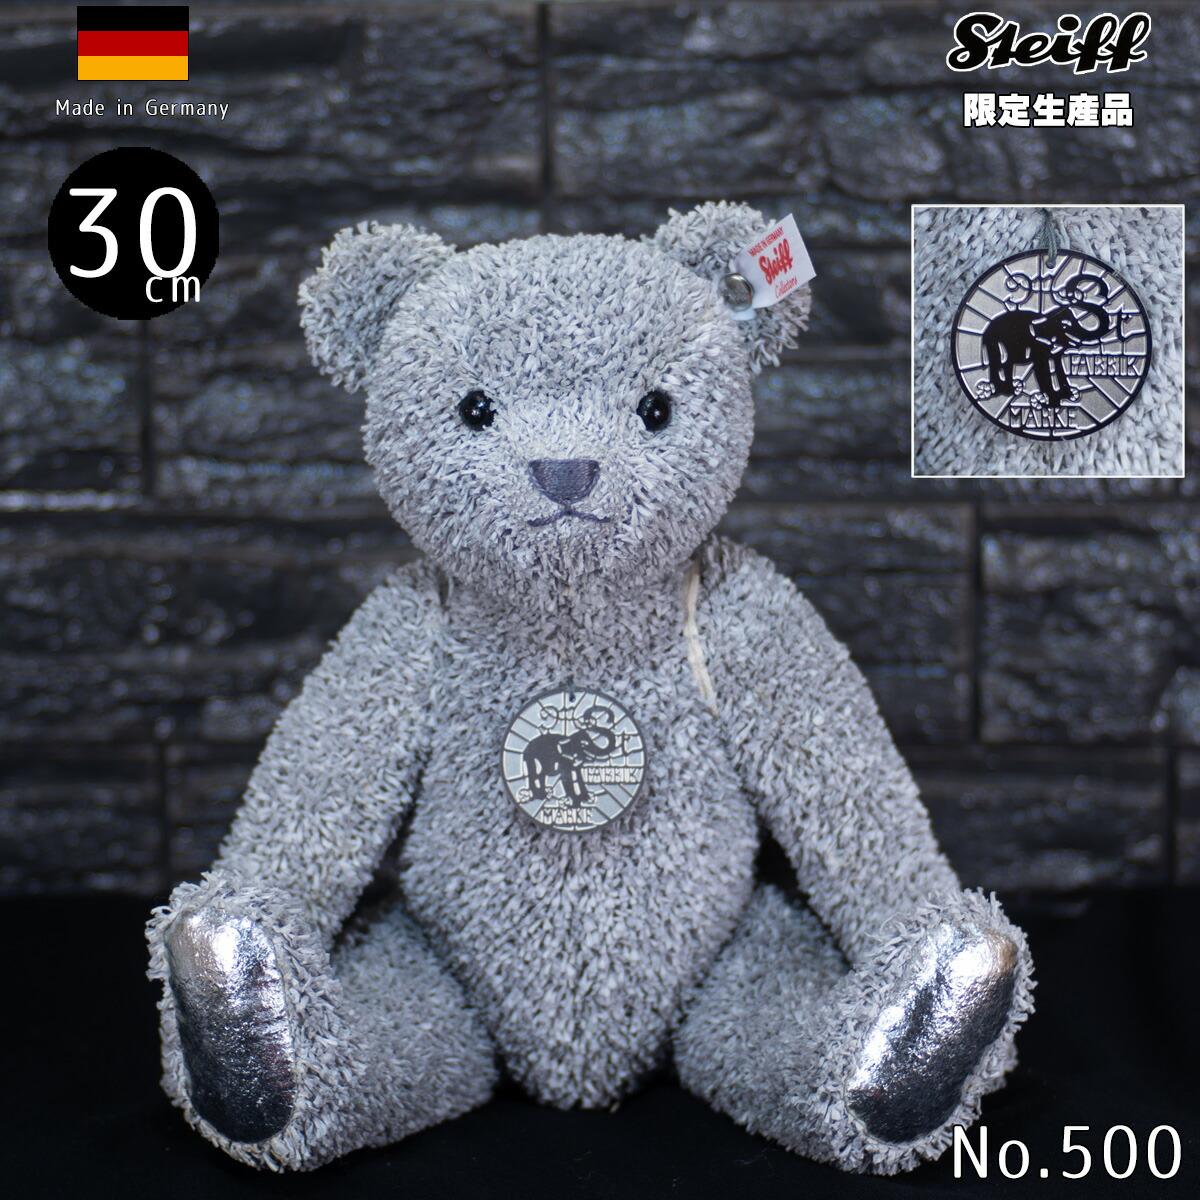 シュタイフ テディベア Steiff テディベア 世界限定プラチナペーパー テディベア 30cm ean006999 Platinum Paper Teddy bear